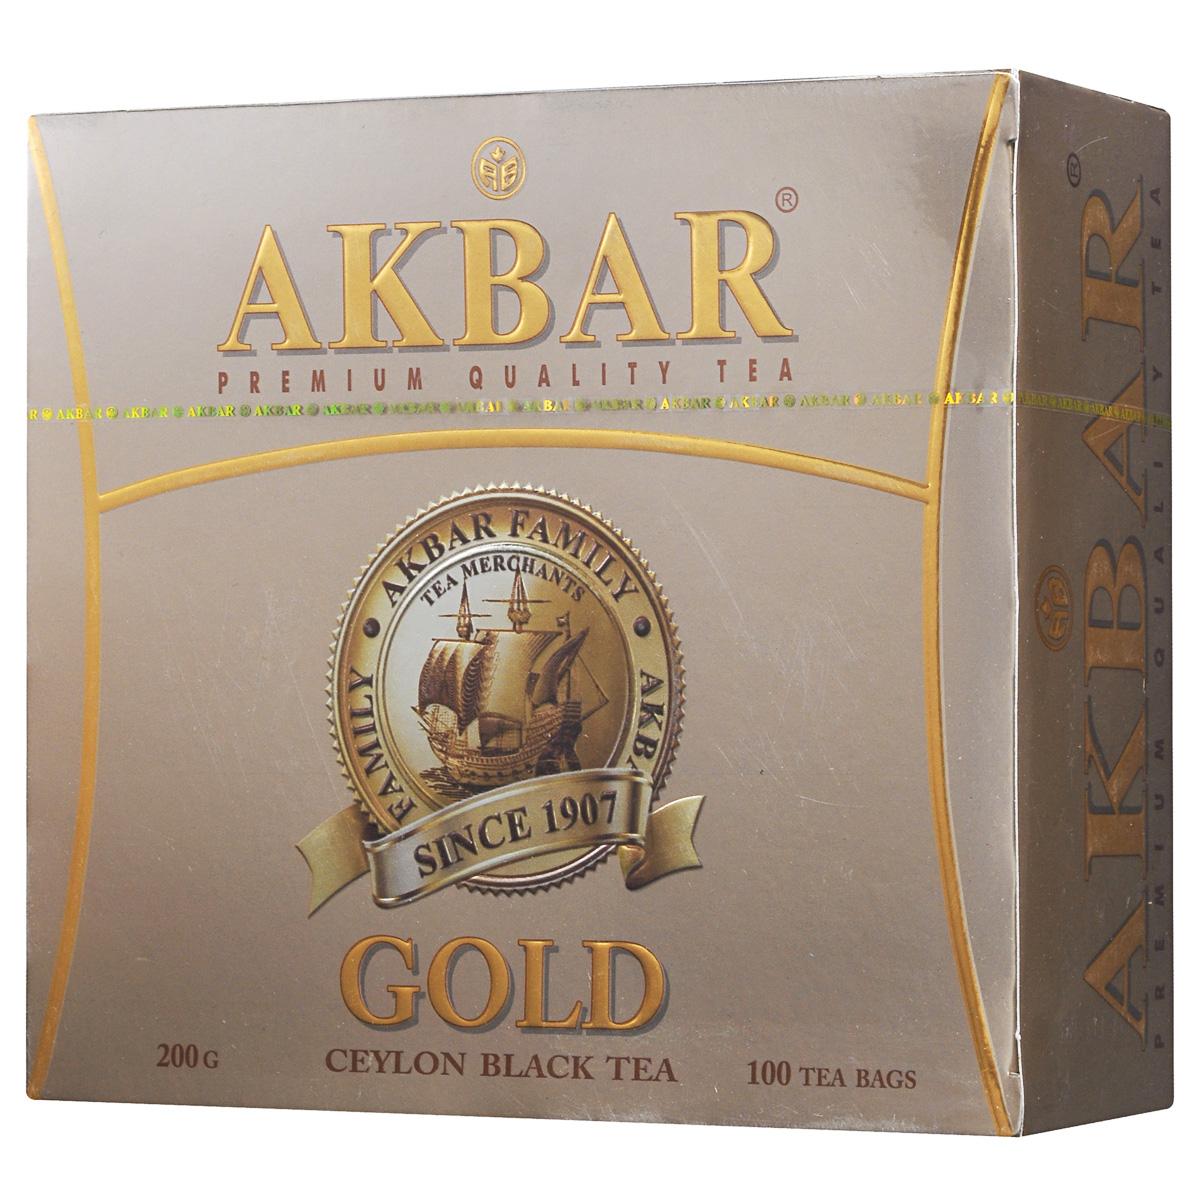 Akbar Gold черный чай в пакетиках, 100 шт0120710Как известно, чай быстро абсорбирует любые посторонние запахи. Поэтому в процессе его производства и упаковки максимум внимания уделяется строгому соблюдению применяемых технологий и используемым материалам. И это неудивительно, ведь дело касается такого уровня чая класса Premium как Akbar Gold, создаваемого экзотической природой горной Шри-Ланки с ее холодными туманами, муссонными дождями и жарким солнцем. Для изготовления чайных пакетиков применяется фильтровальная бумага, состоящая только из натуральных компонентов, которая никак не влияет на первозданный вкус чая.